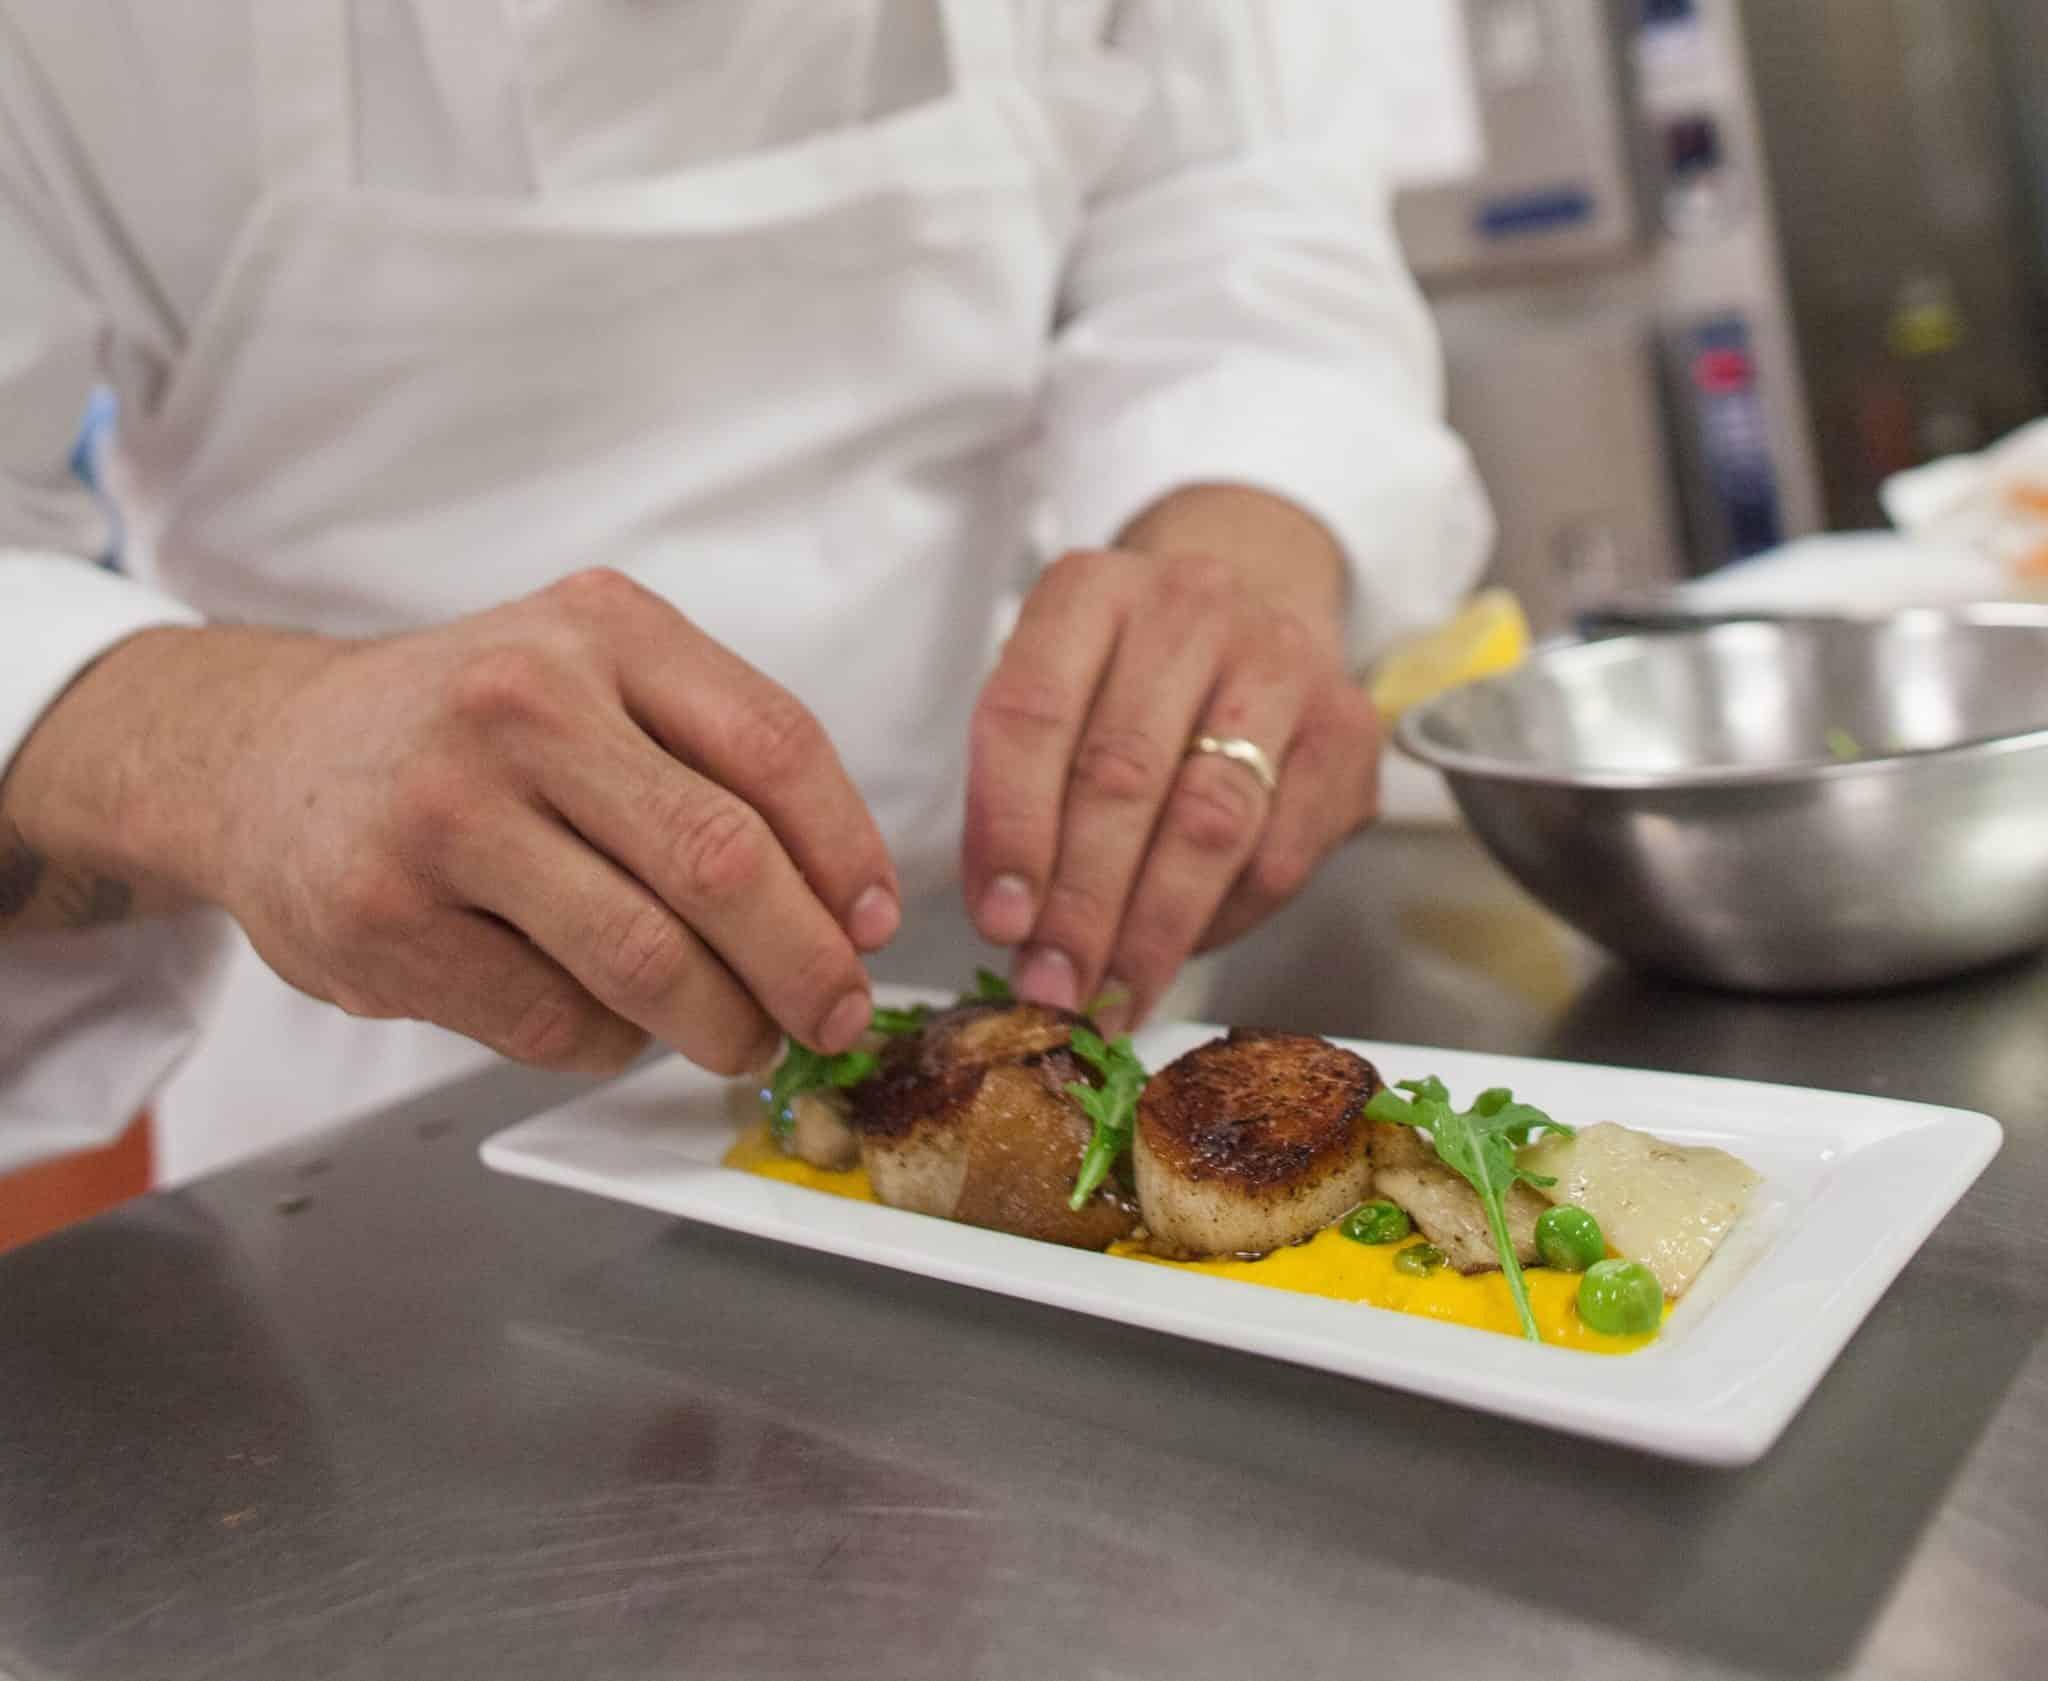 Judson chef prepared seared scallop entre.